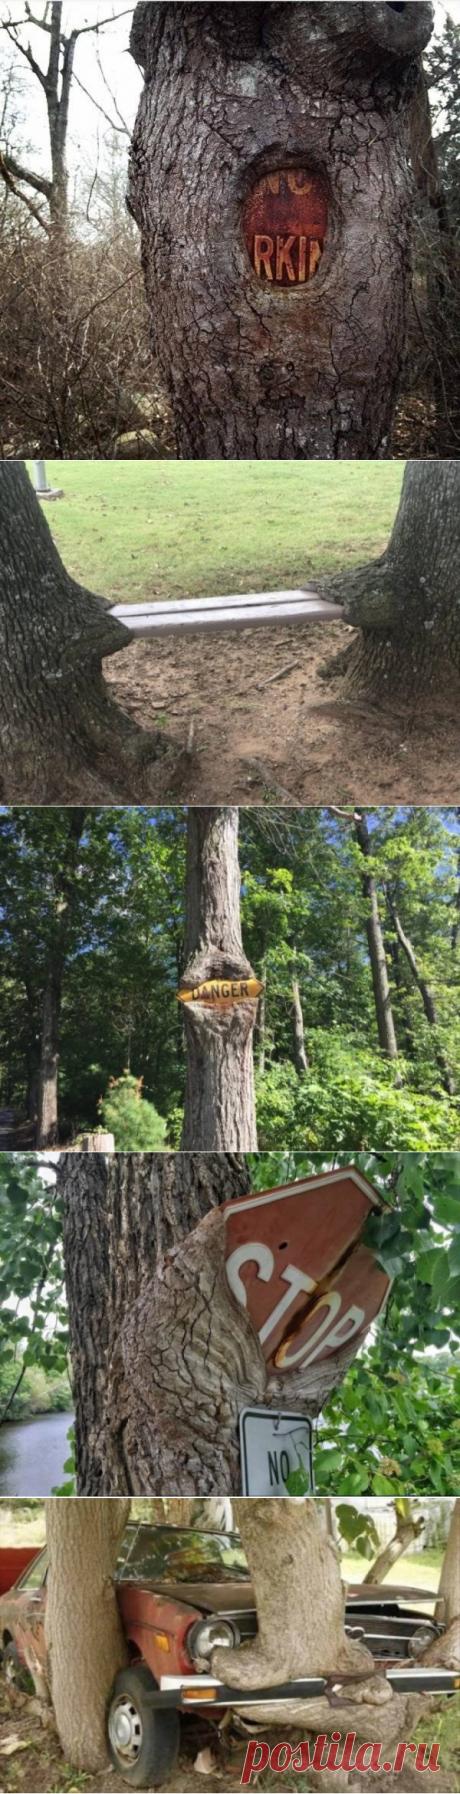 Как деревья поглощают всё вокруг « бгежикмортфцшъью.рф